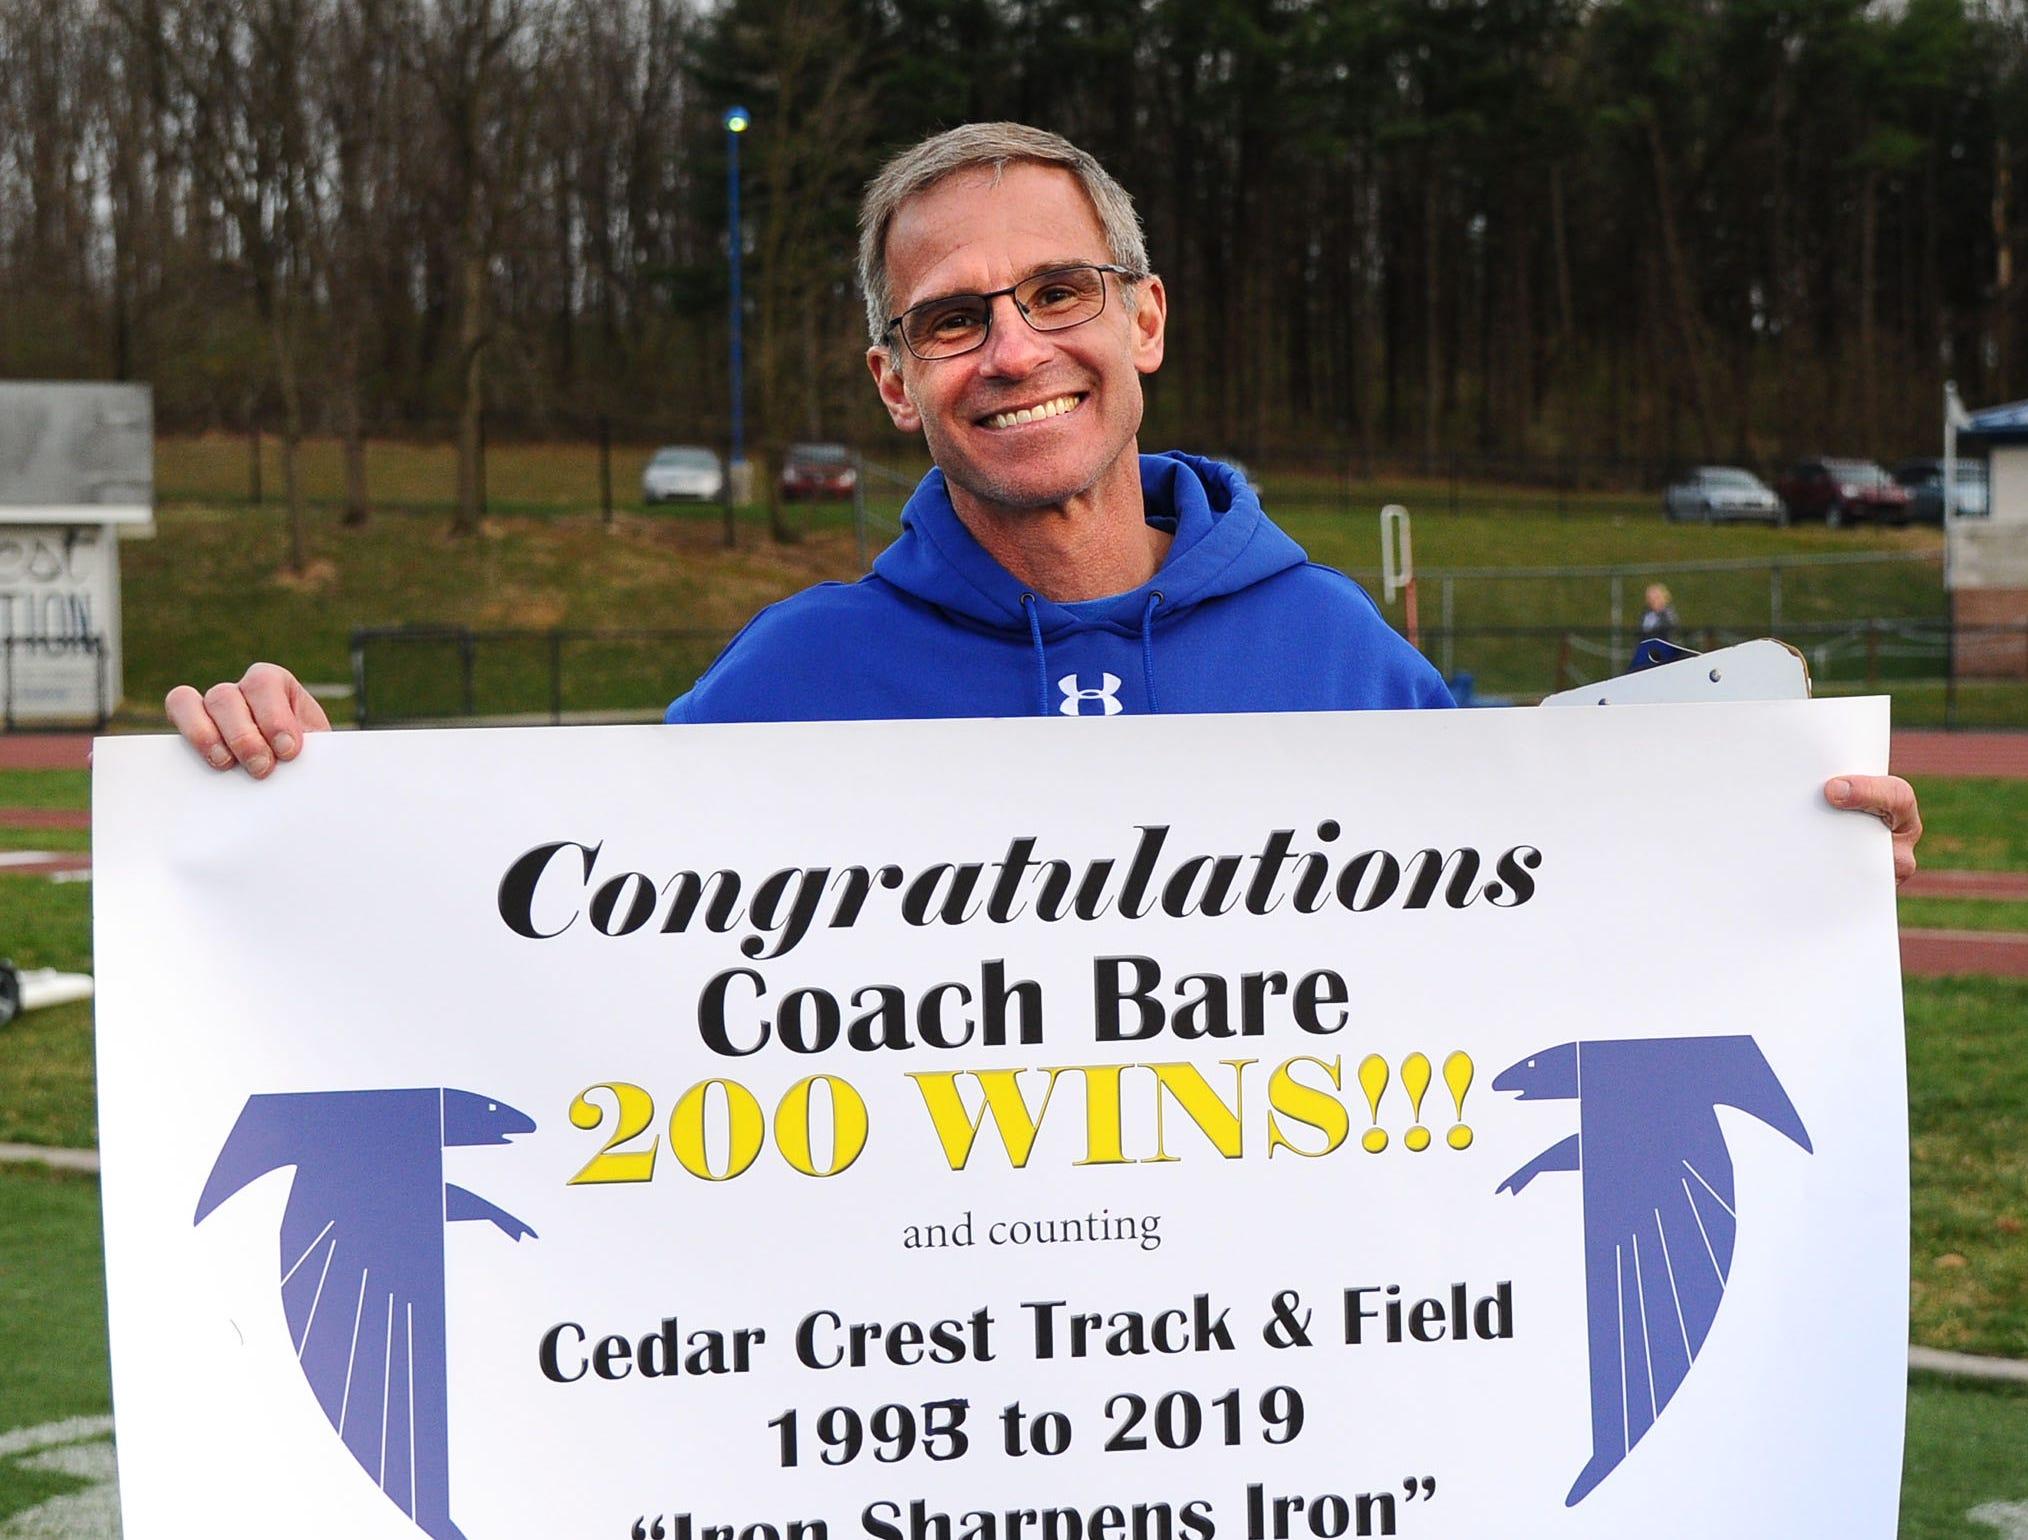 Rob Bare celebrates his 200th win